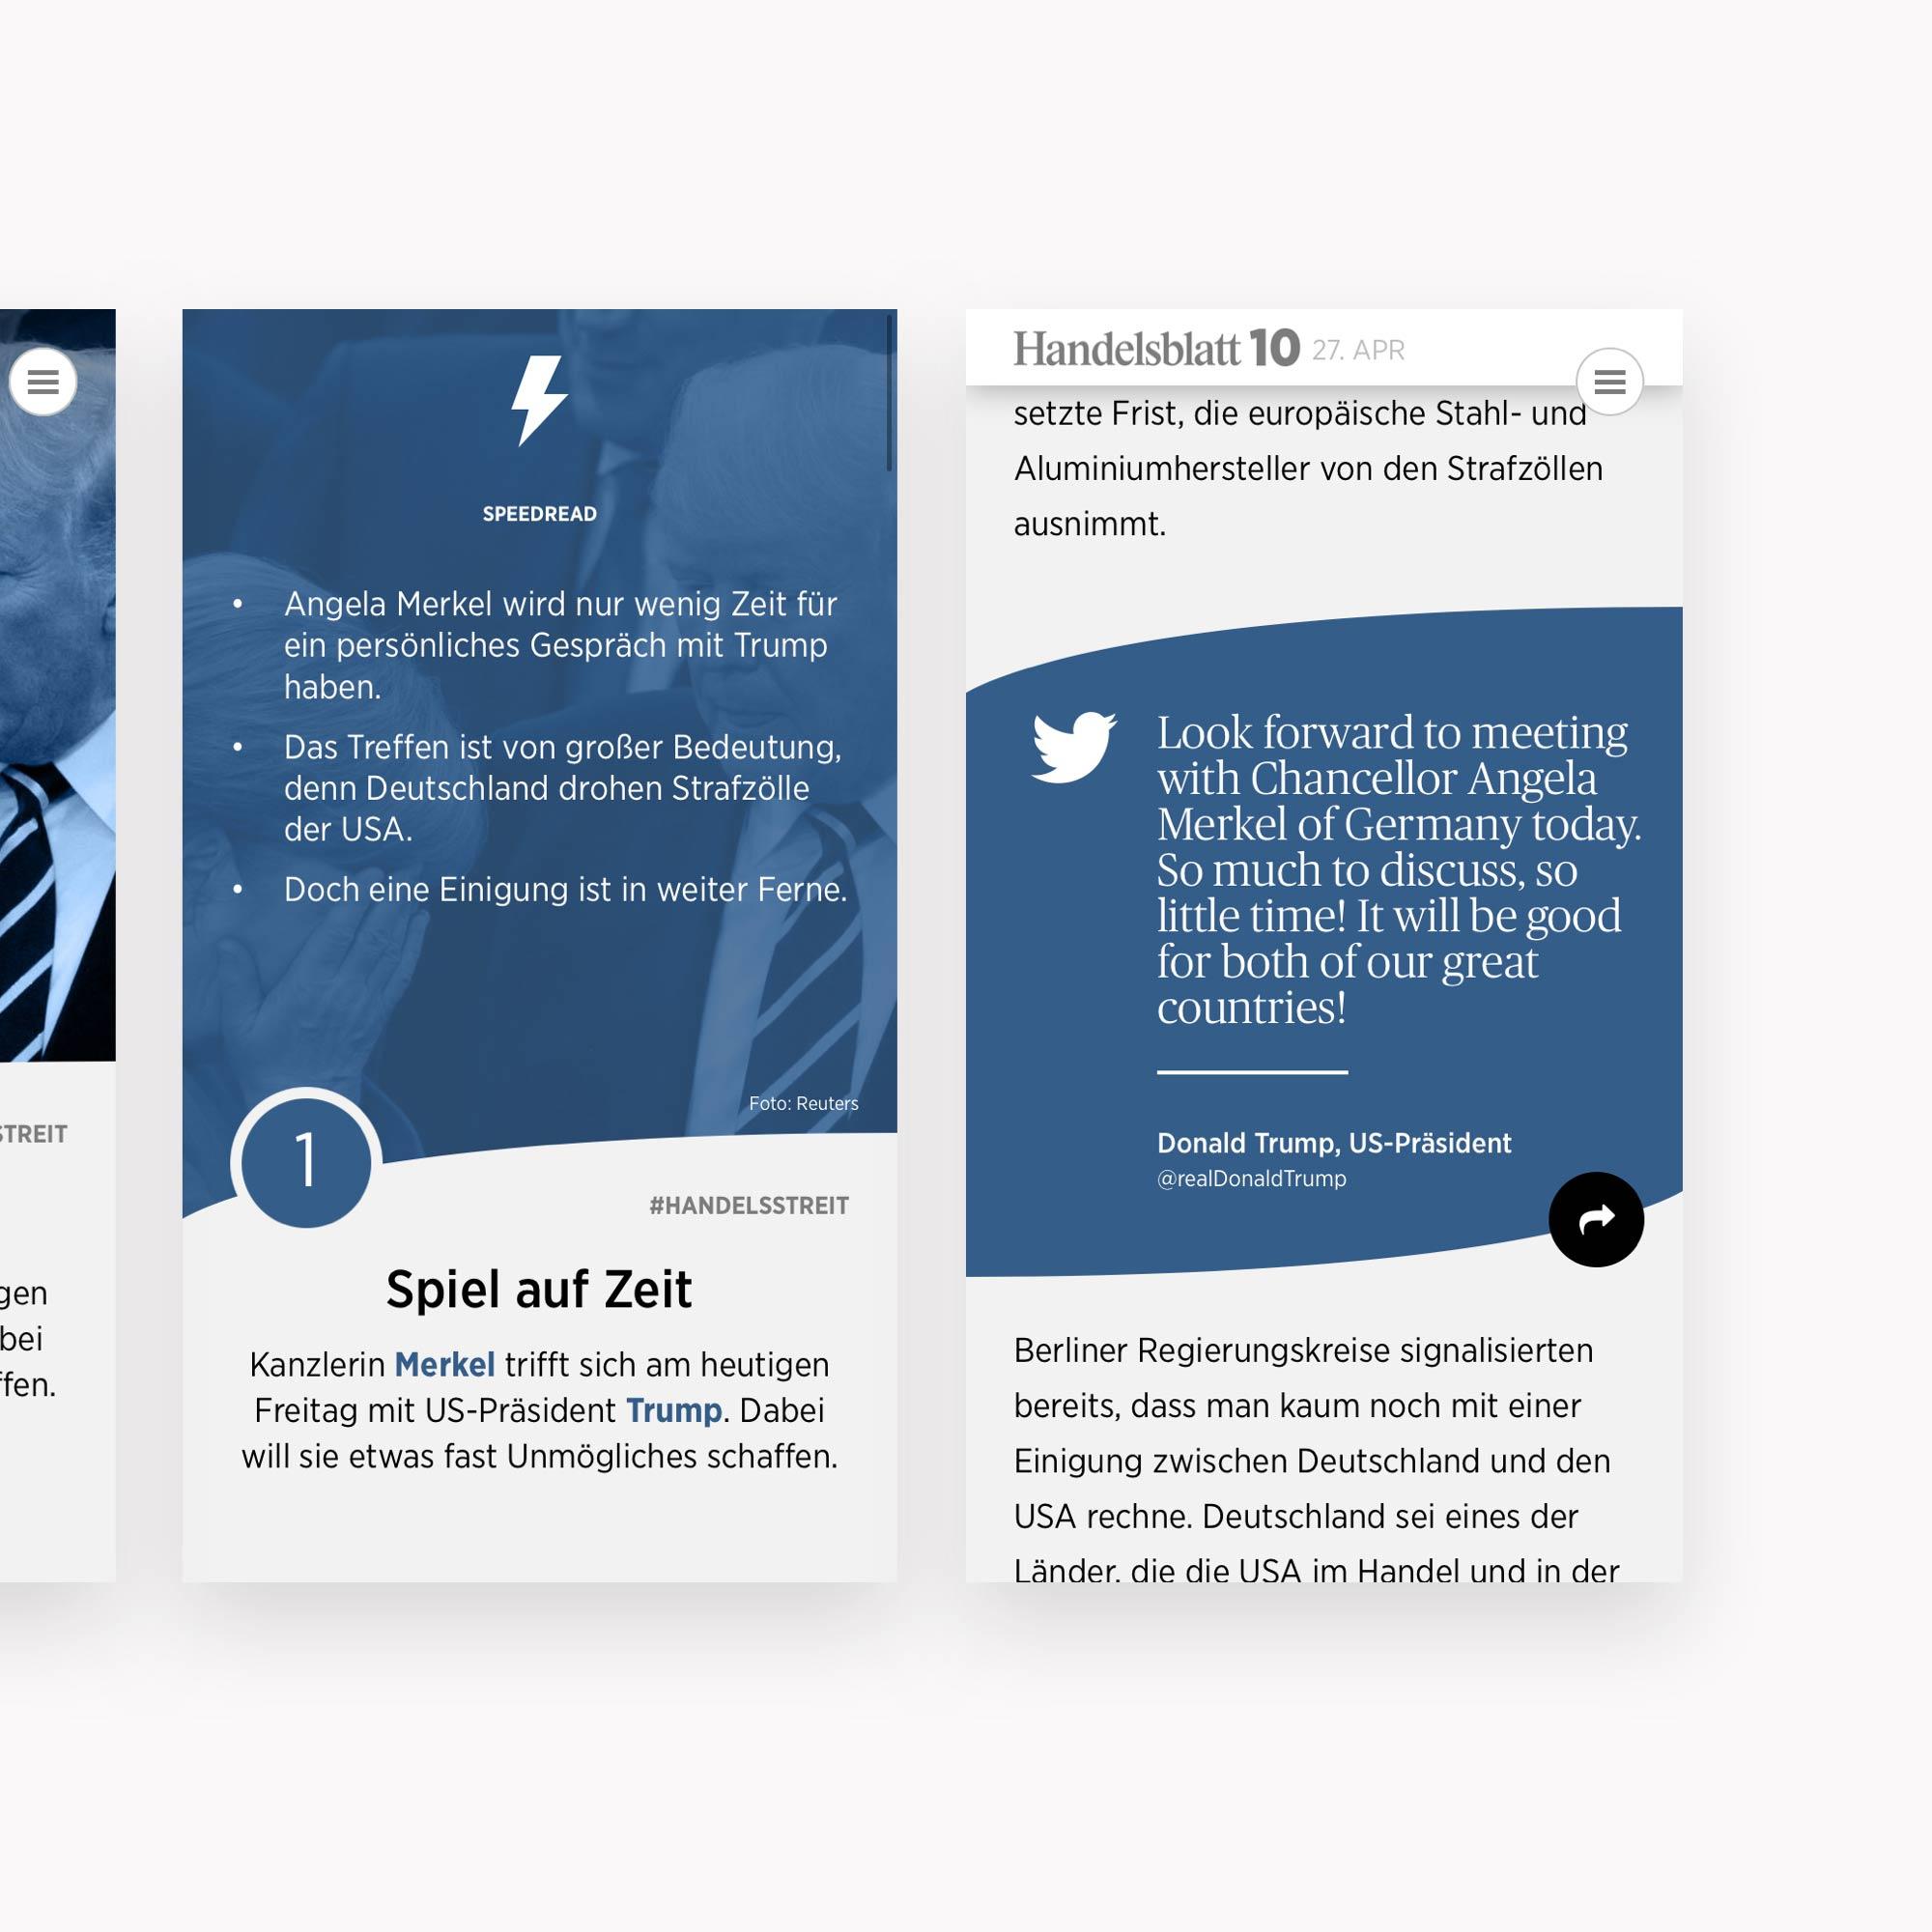 TBO Handelsblatt 10 App